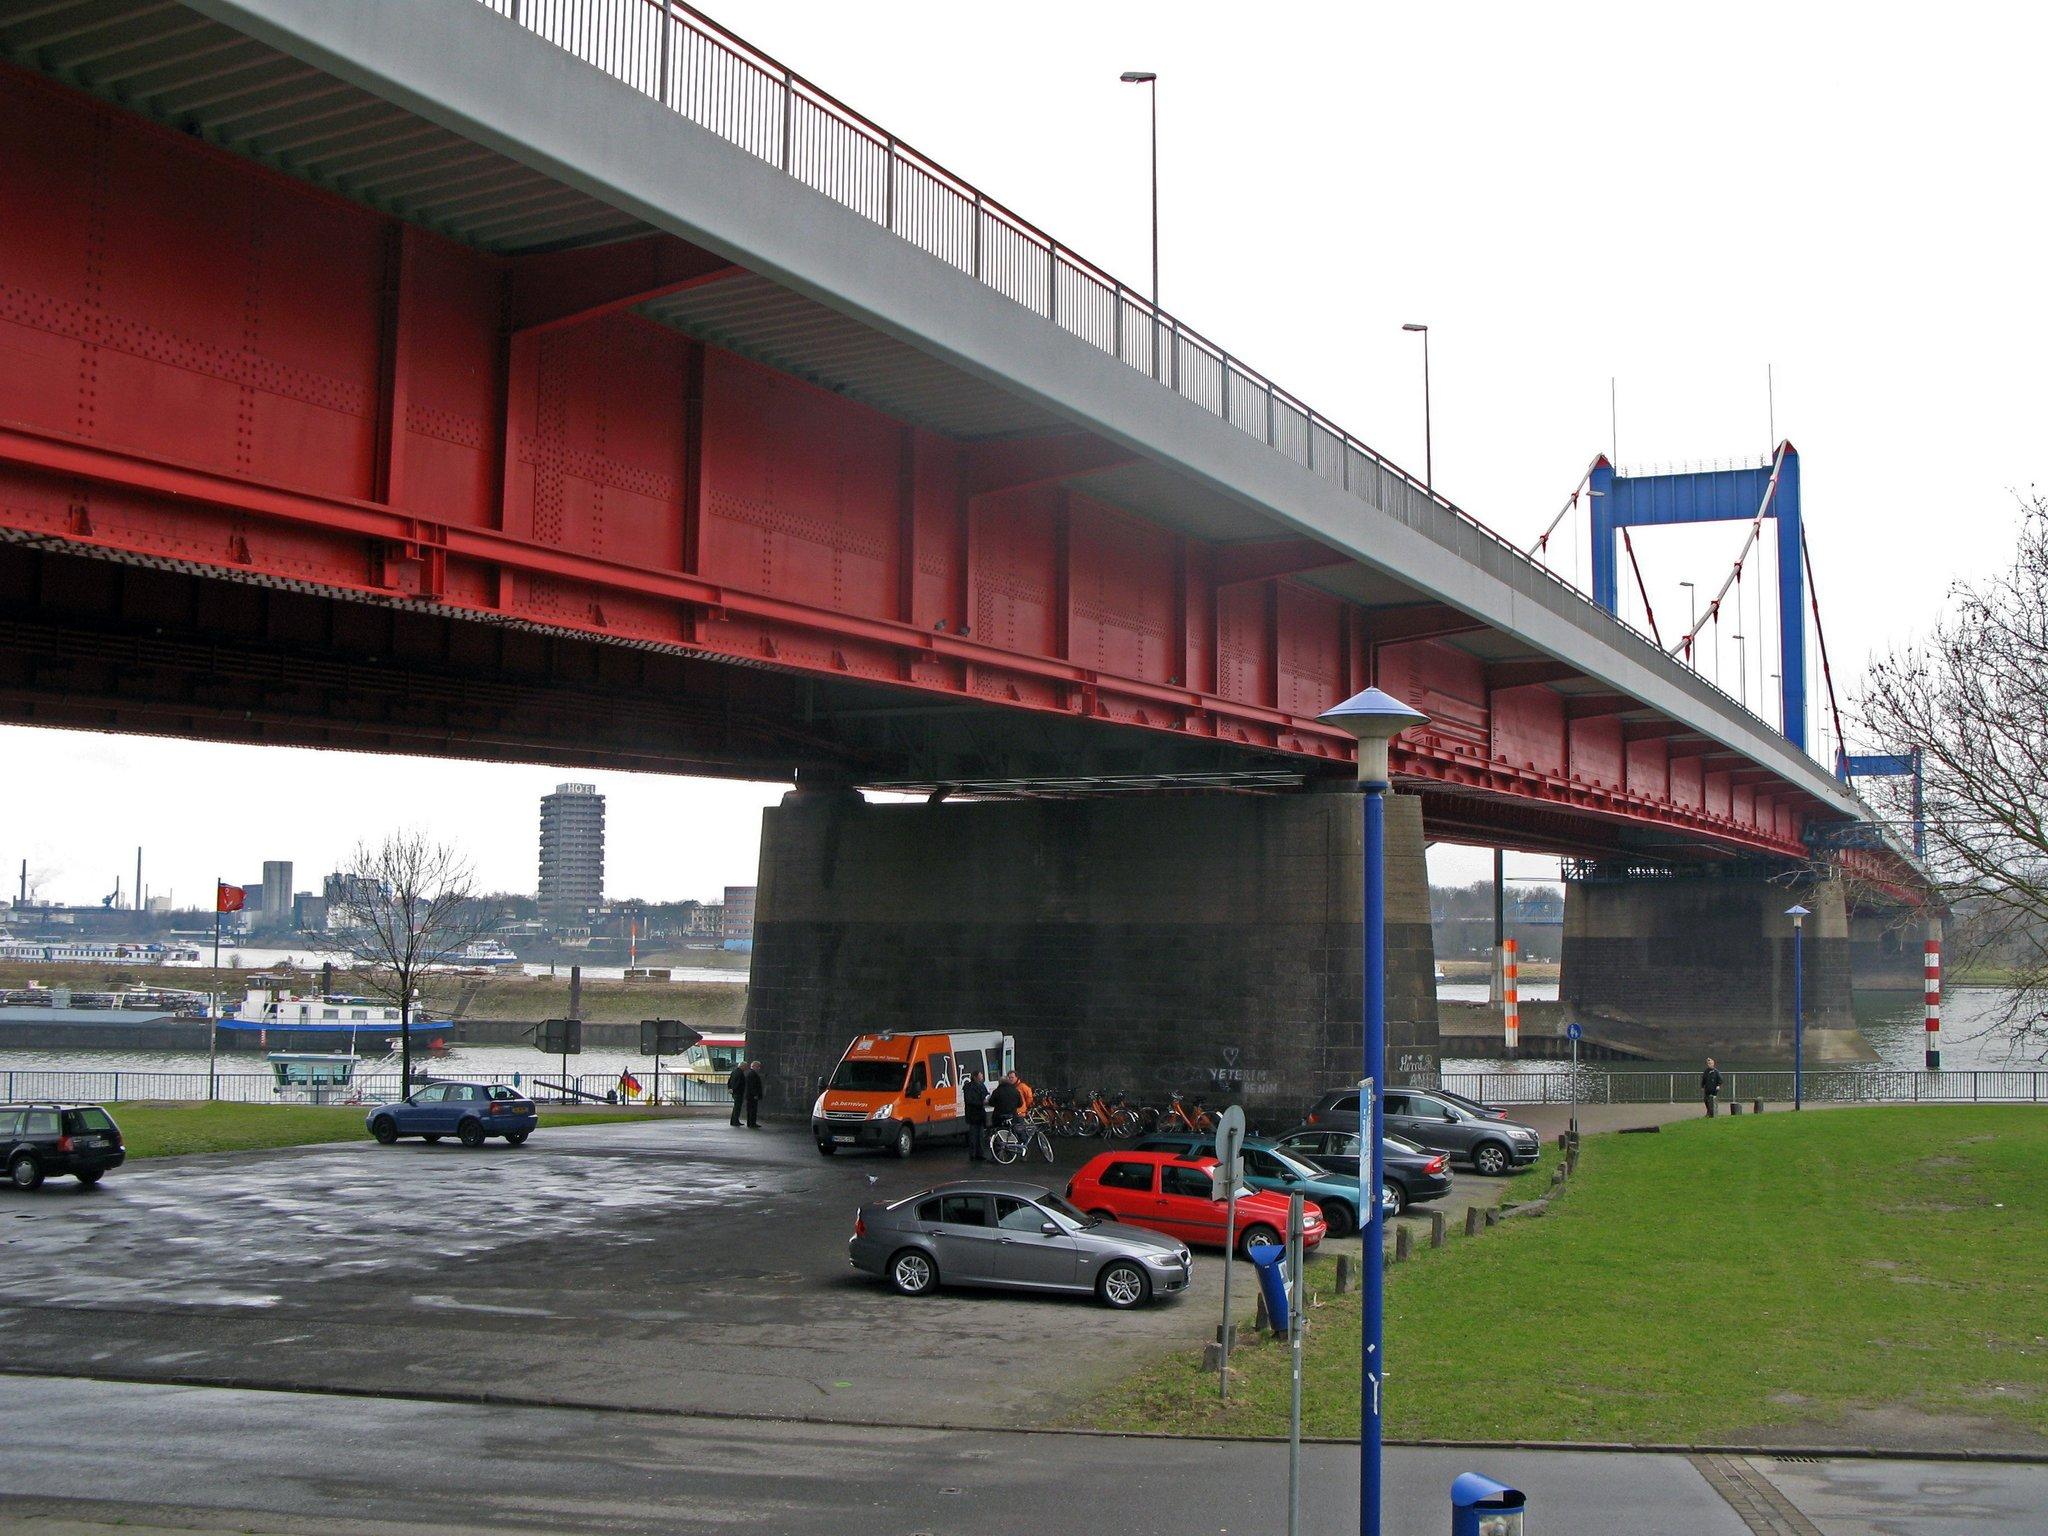 Stadtteil Von Duisburg